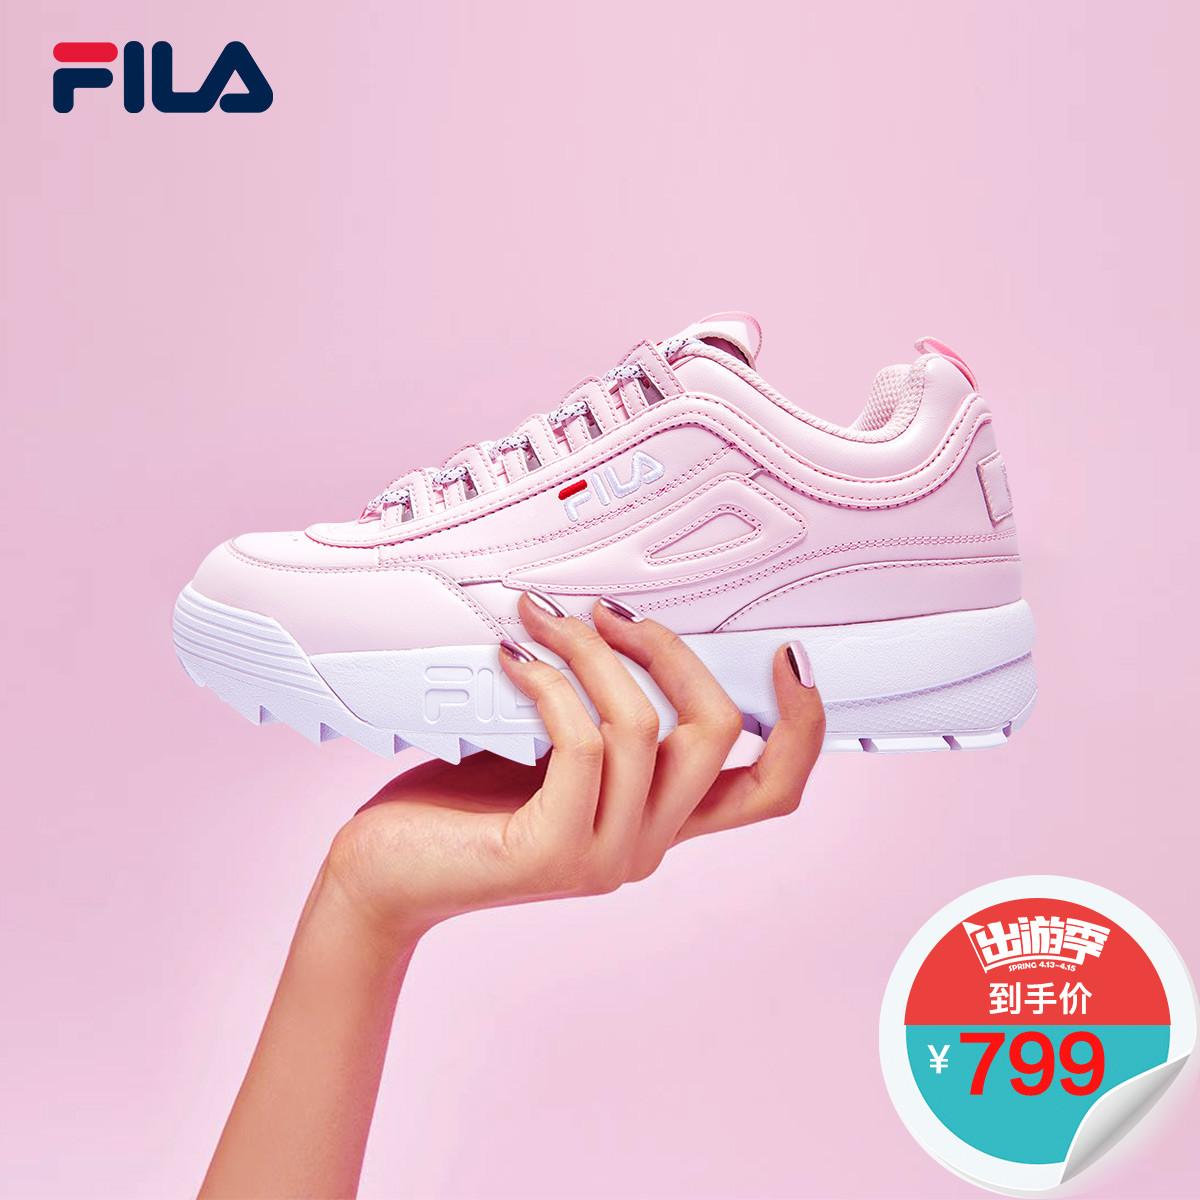 fila ladies shoes price Sale Fila Shoes